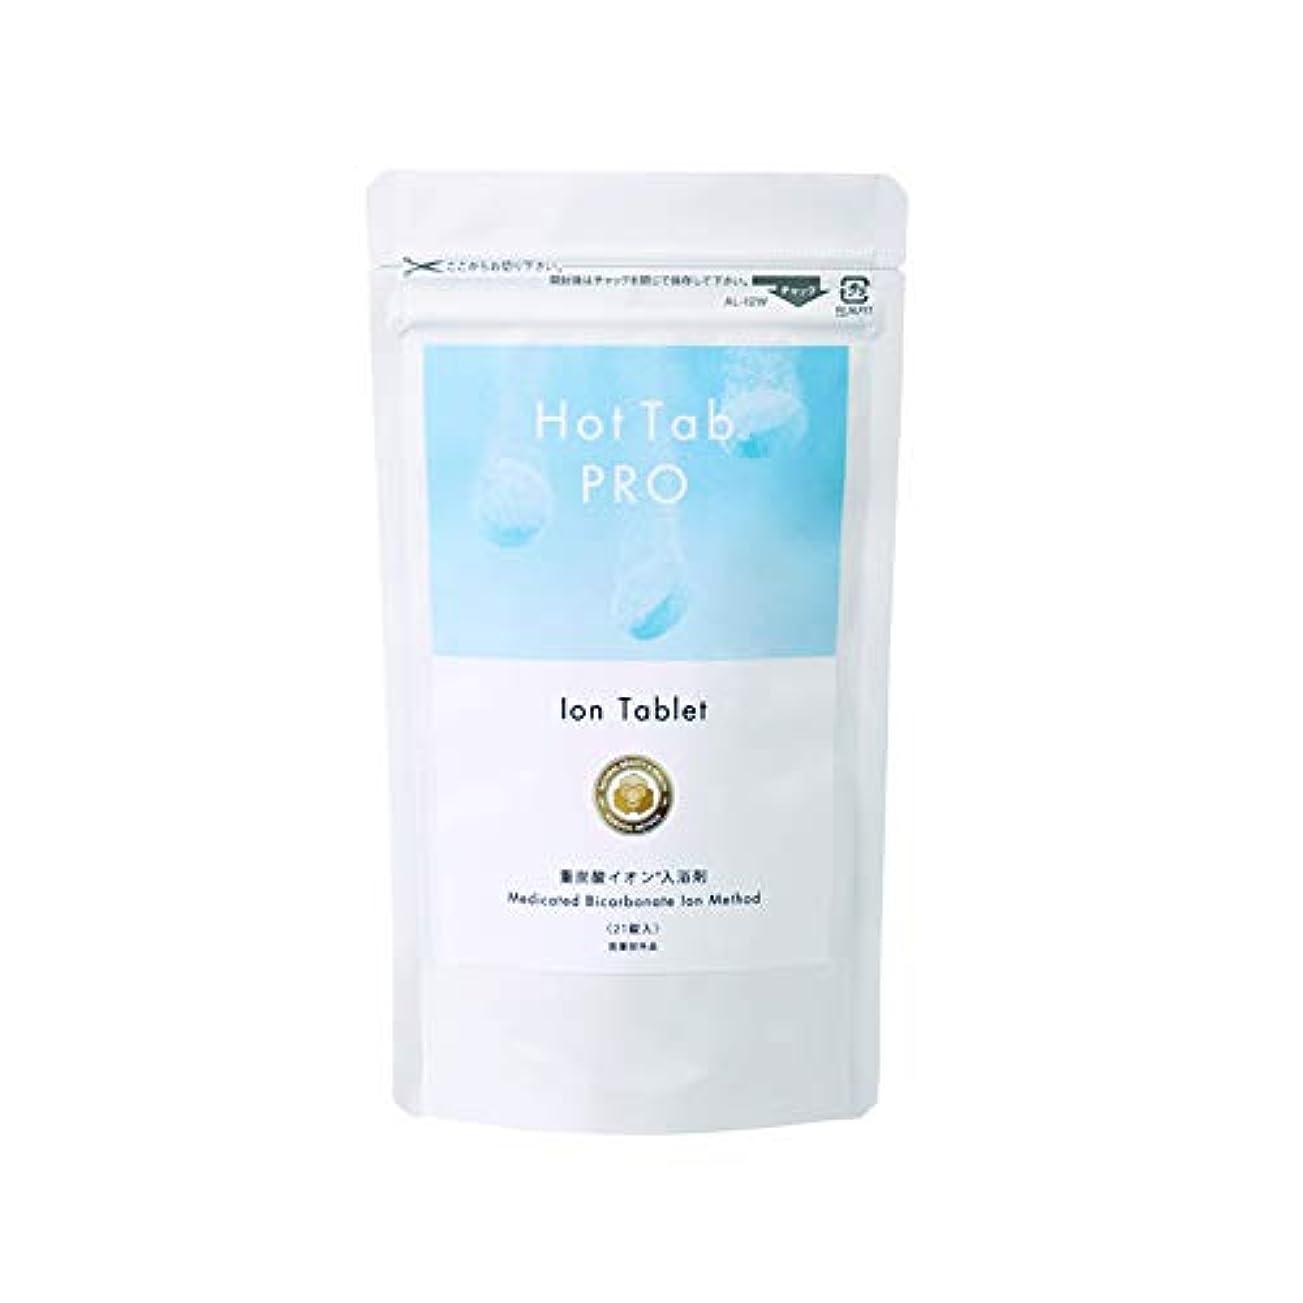 作者服古い最新型 日本製なめらか重炭酸入浴剤「ホットタブPro」(デリケートな肌でも安心 無香料 無着色 中性pH) (21錠セット)